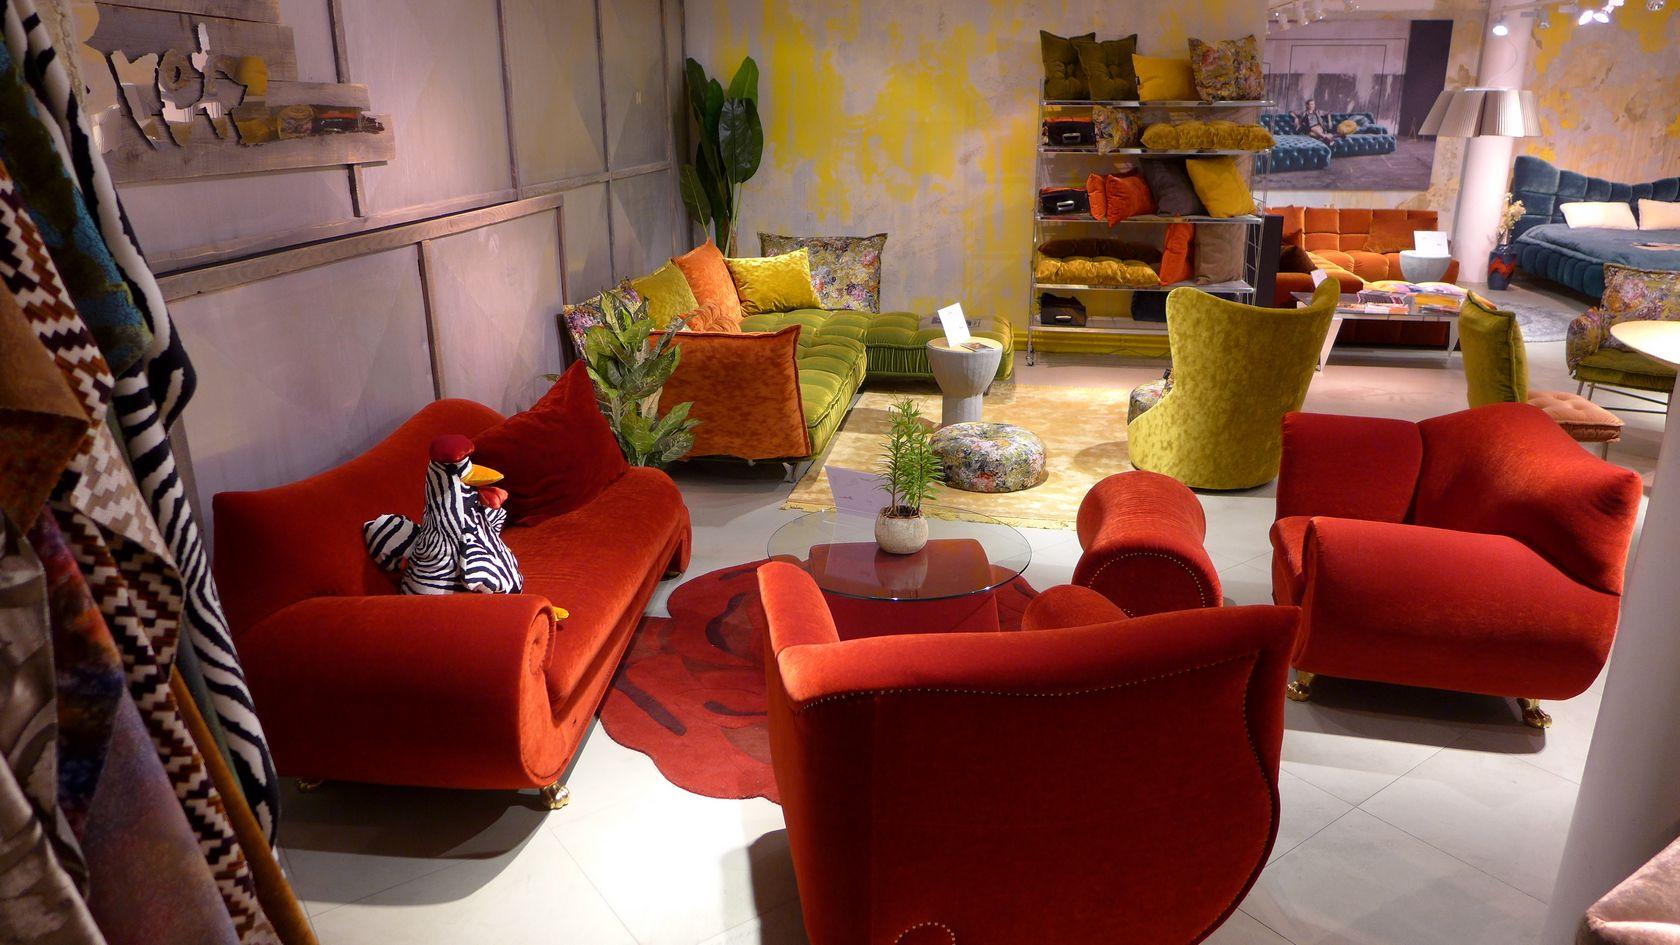 bretz store frankfurt 2017 03 03 012 bretz store frankfurt. Black Bedroom Furniture Sets. Home Design Ideas